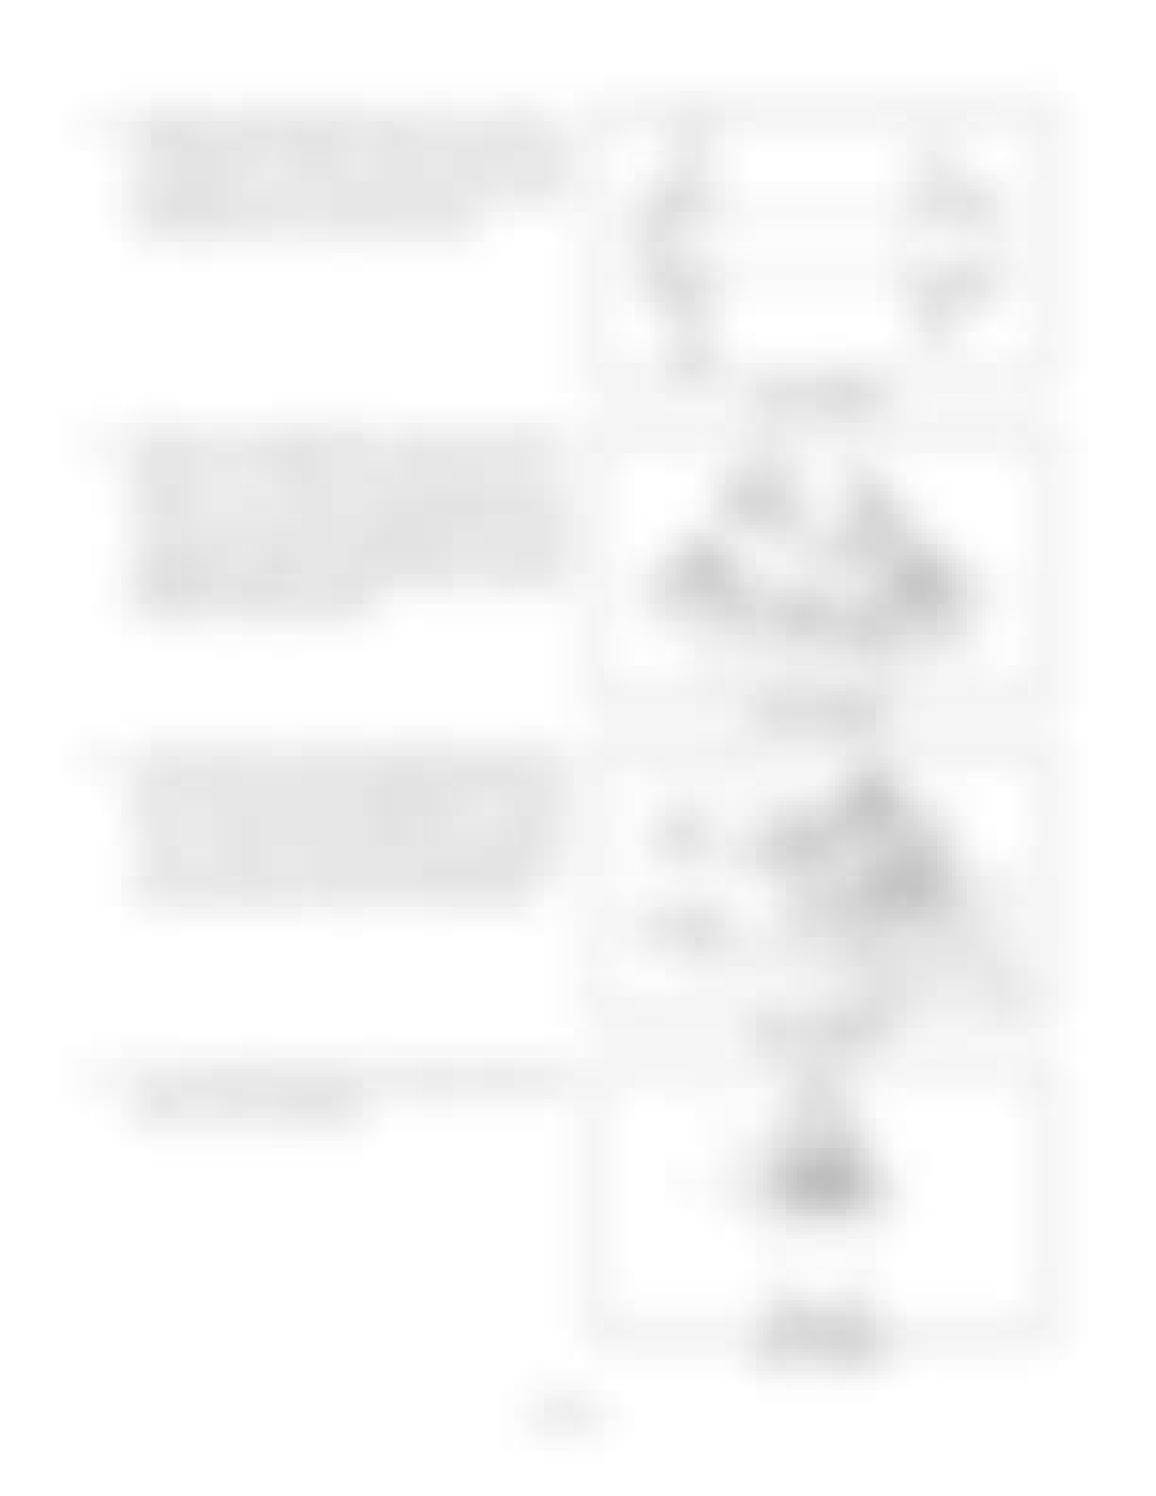 Hitachi LX110-7 LX130-7 LX160-7 LX190-7 LX230-7 Wheel Loader Workshop Manual - PDF DOWNLOAD page 134